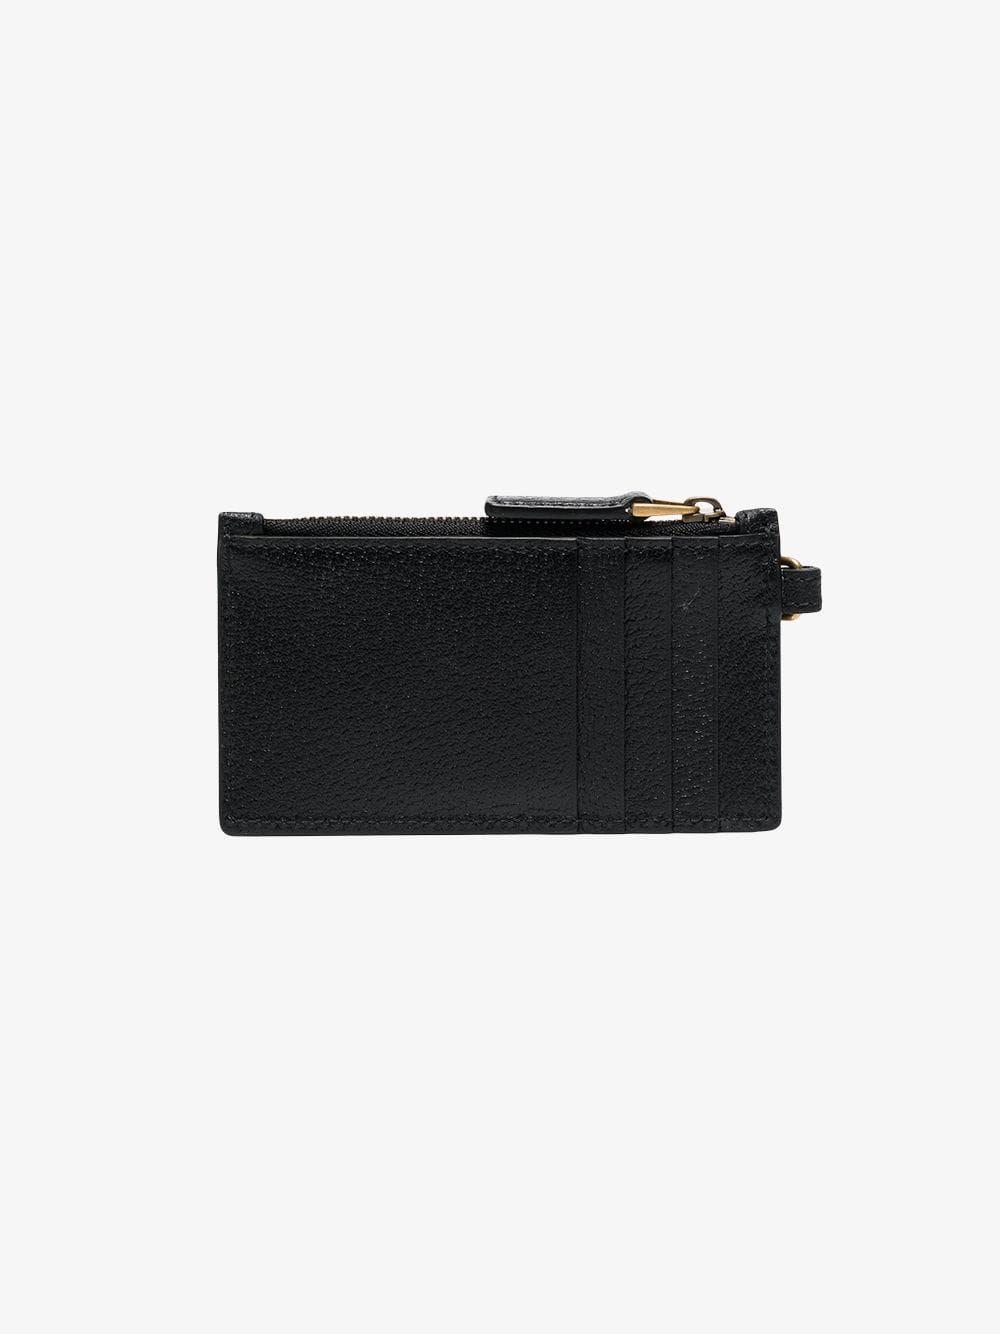 93f9b181dea876 GUCCI GUCCI BLACK LOGO EMBOSSED CARD HOLDER. #gucci | Gucci ...